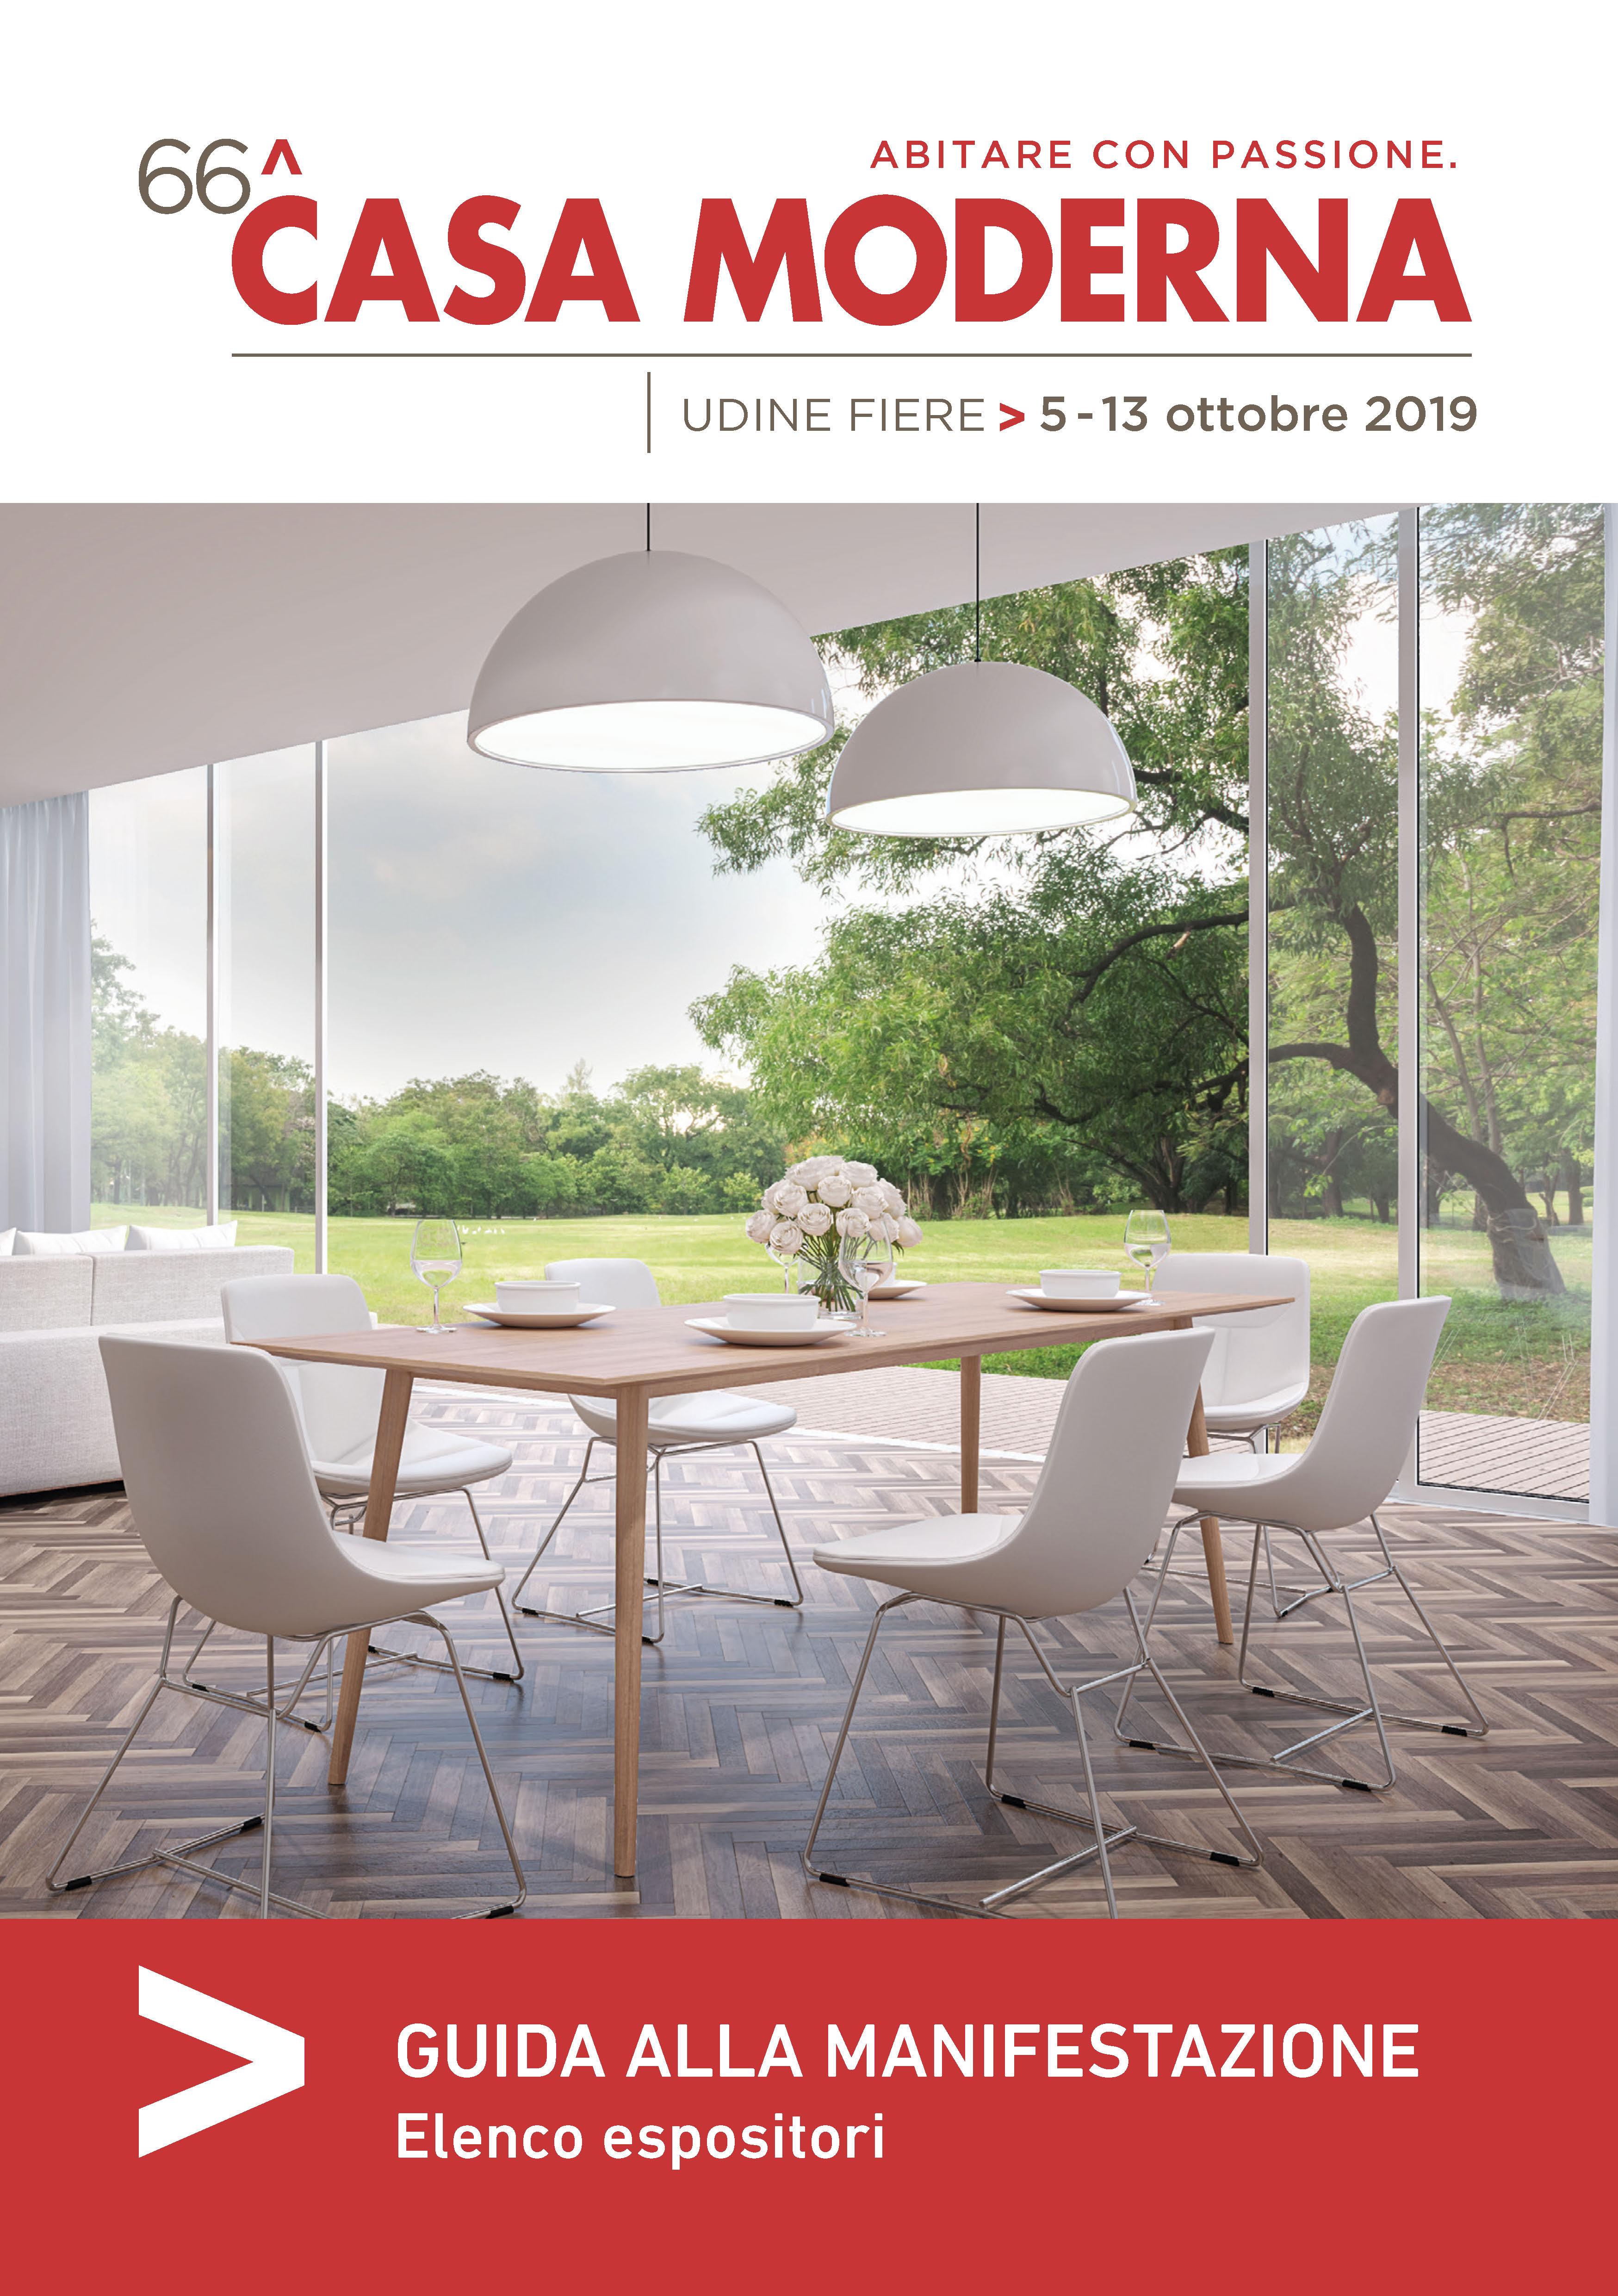 Udine Fiera Della Casa Moderna.Elenco Espositori Casamoderna